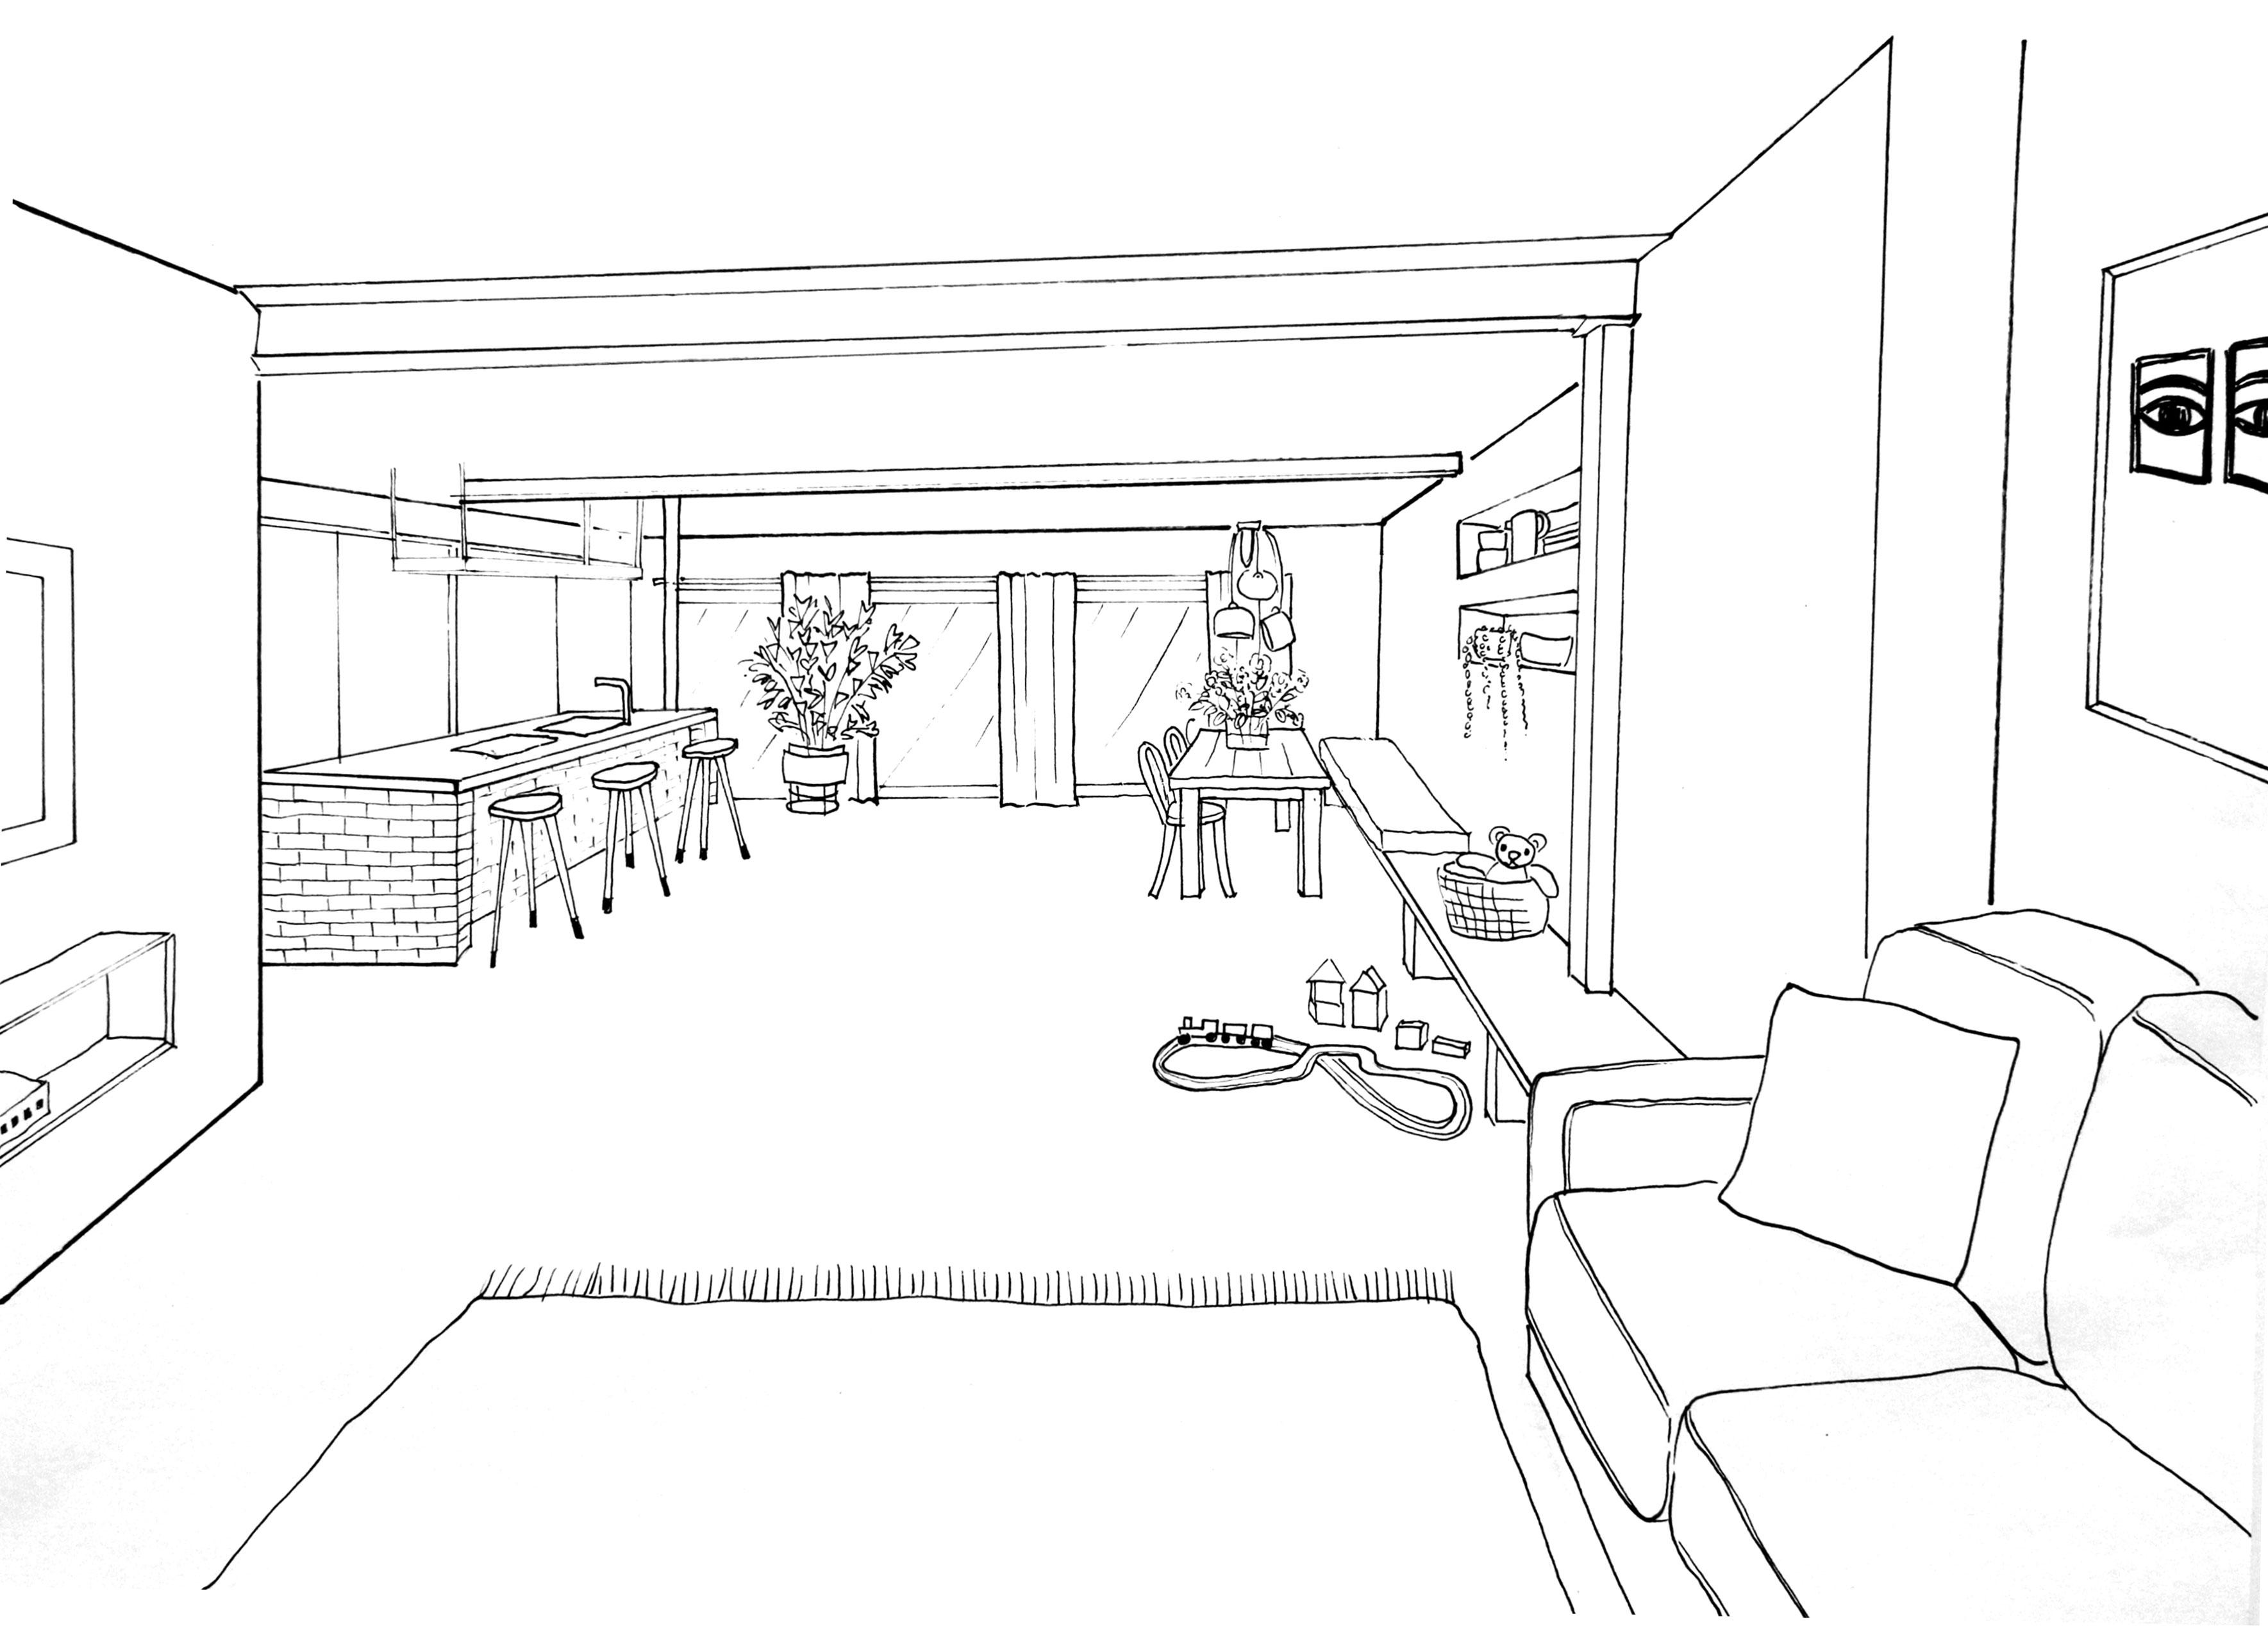 Ich Hatte Neulich Lust Meine Vorstellung Von Unserem Zuknftigen Wohnzimmer Im Neuen Haus Zu Zeichnen Und Um Euch Mal Einen Vorgeschmack Darauf Geben